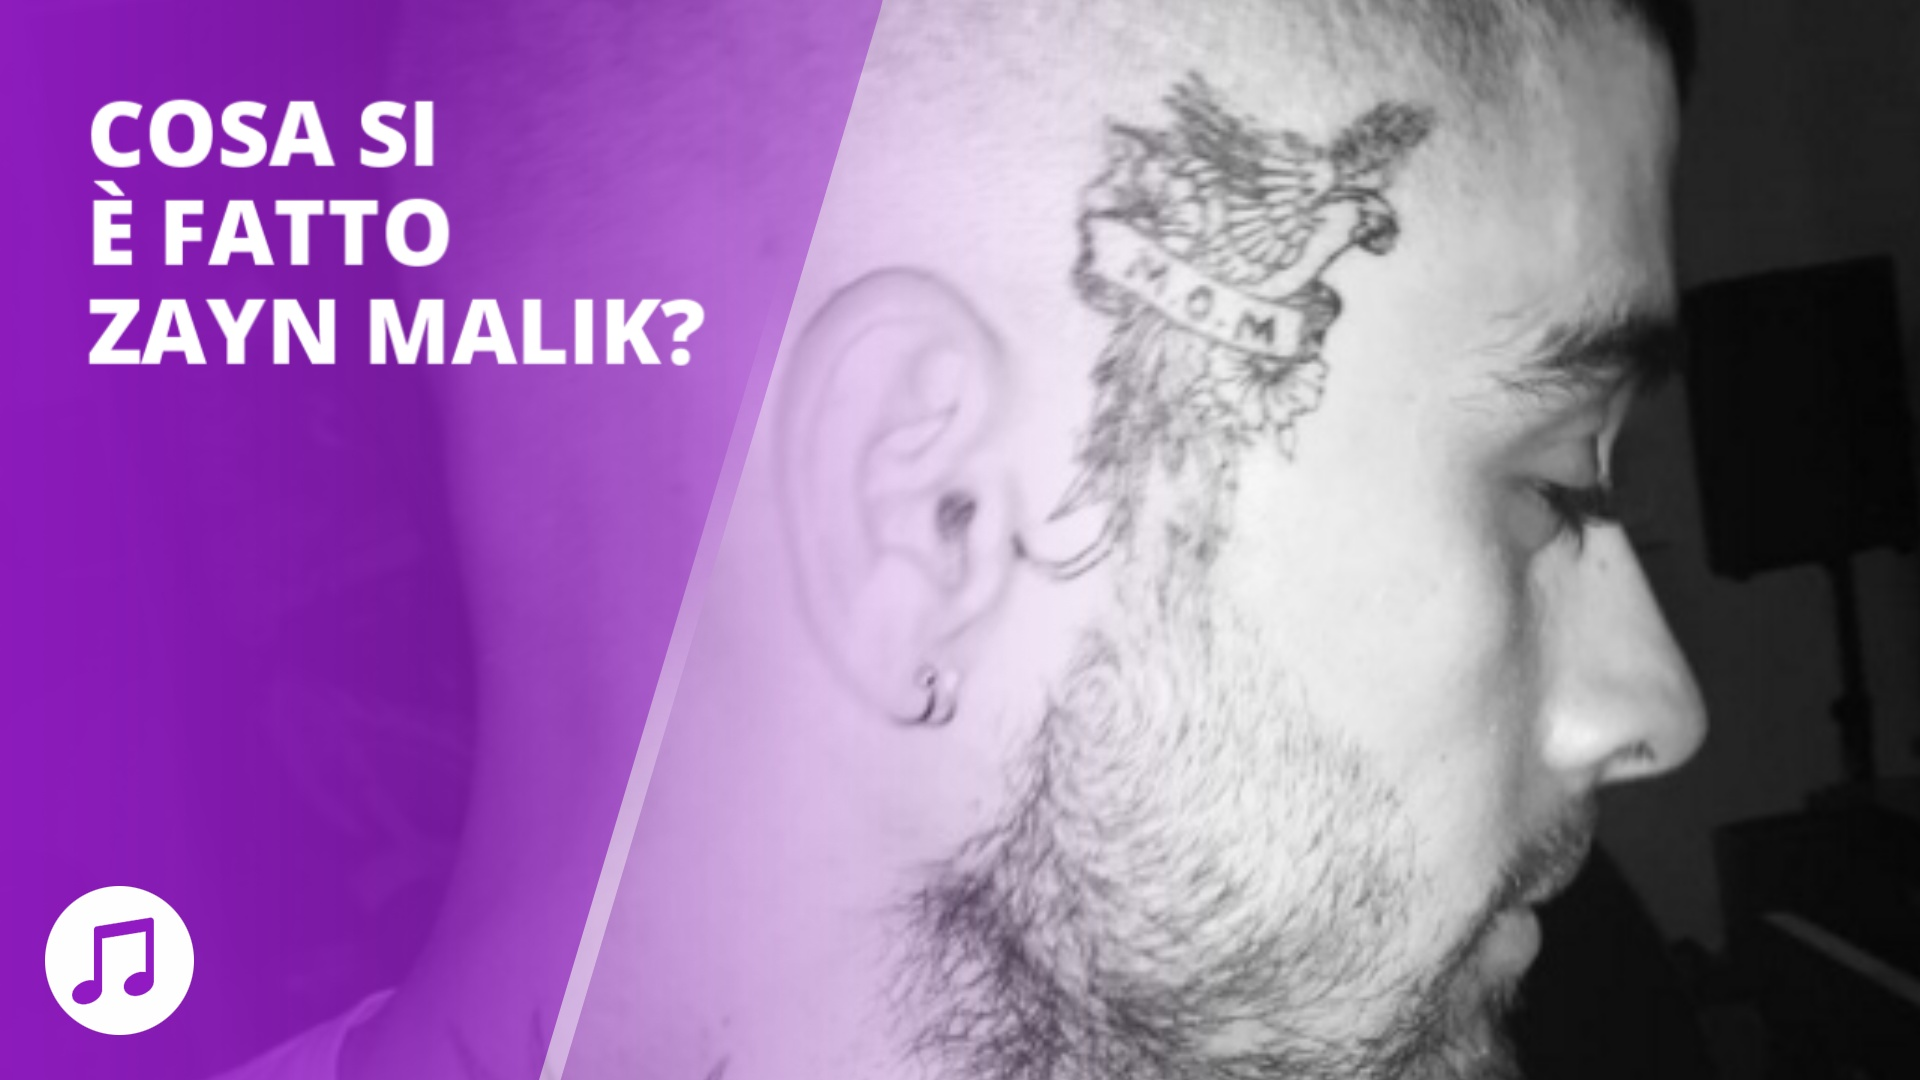 Il nuovo tattoo di Zayn Malik ha sconvolto i fan